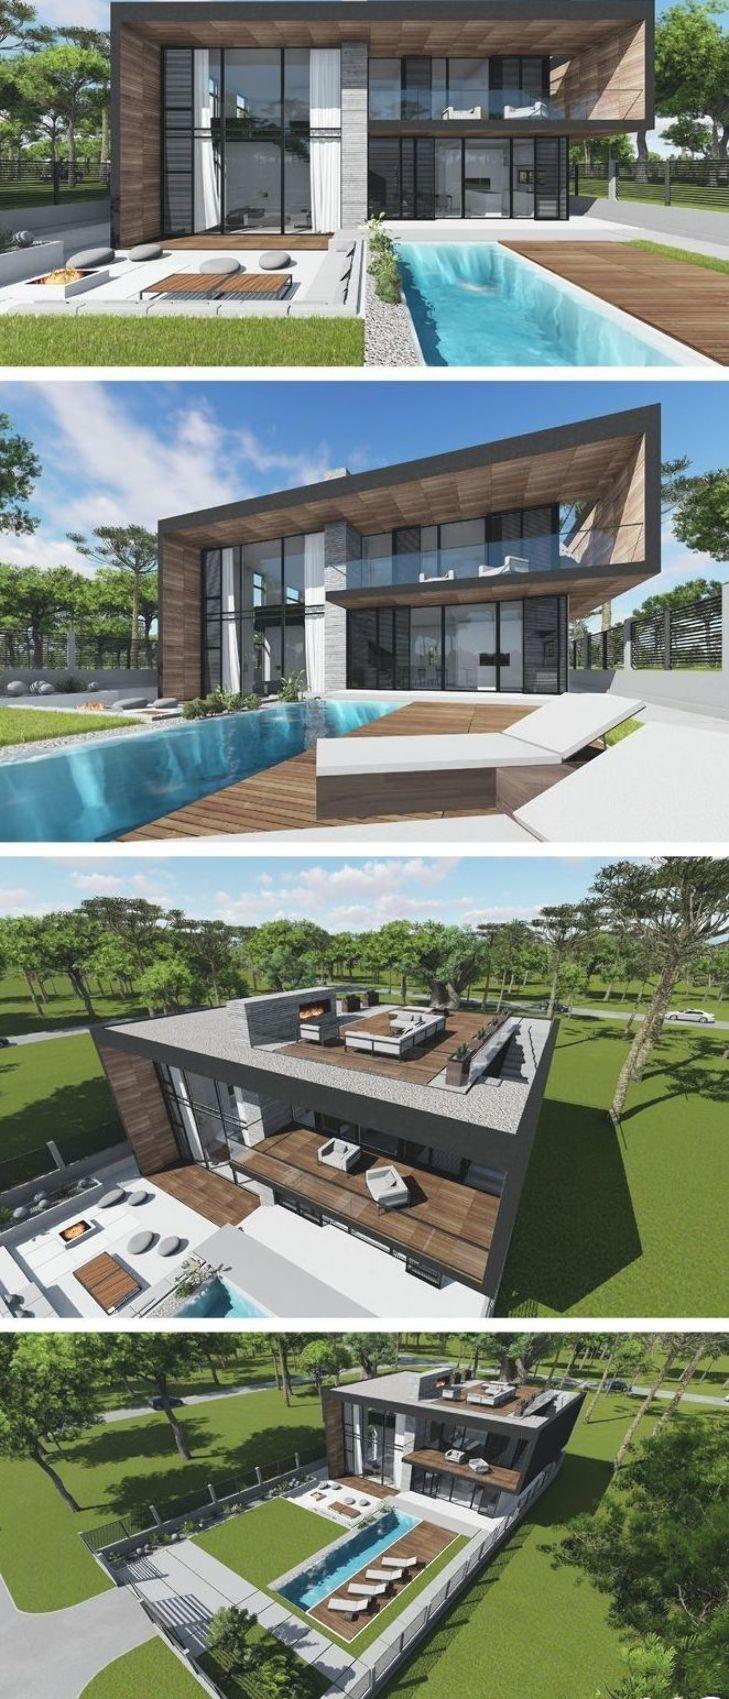 Pin Oleh Candice Lesbre Di Our Dream Home Arsitektur Arsitektur Rumah Dekorasi Rumah Elegan